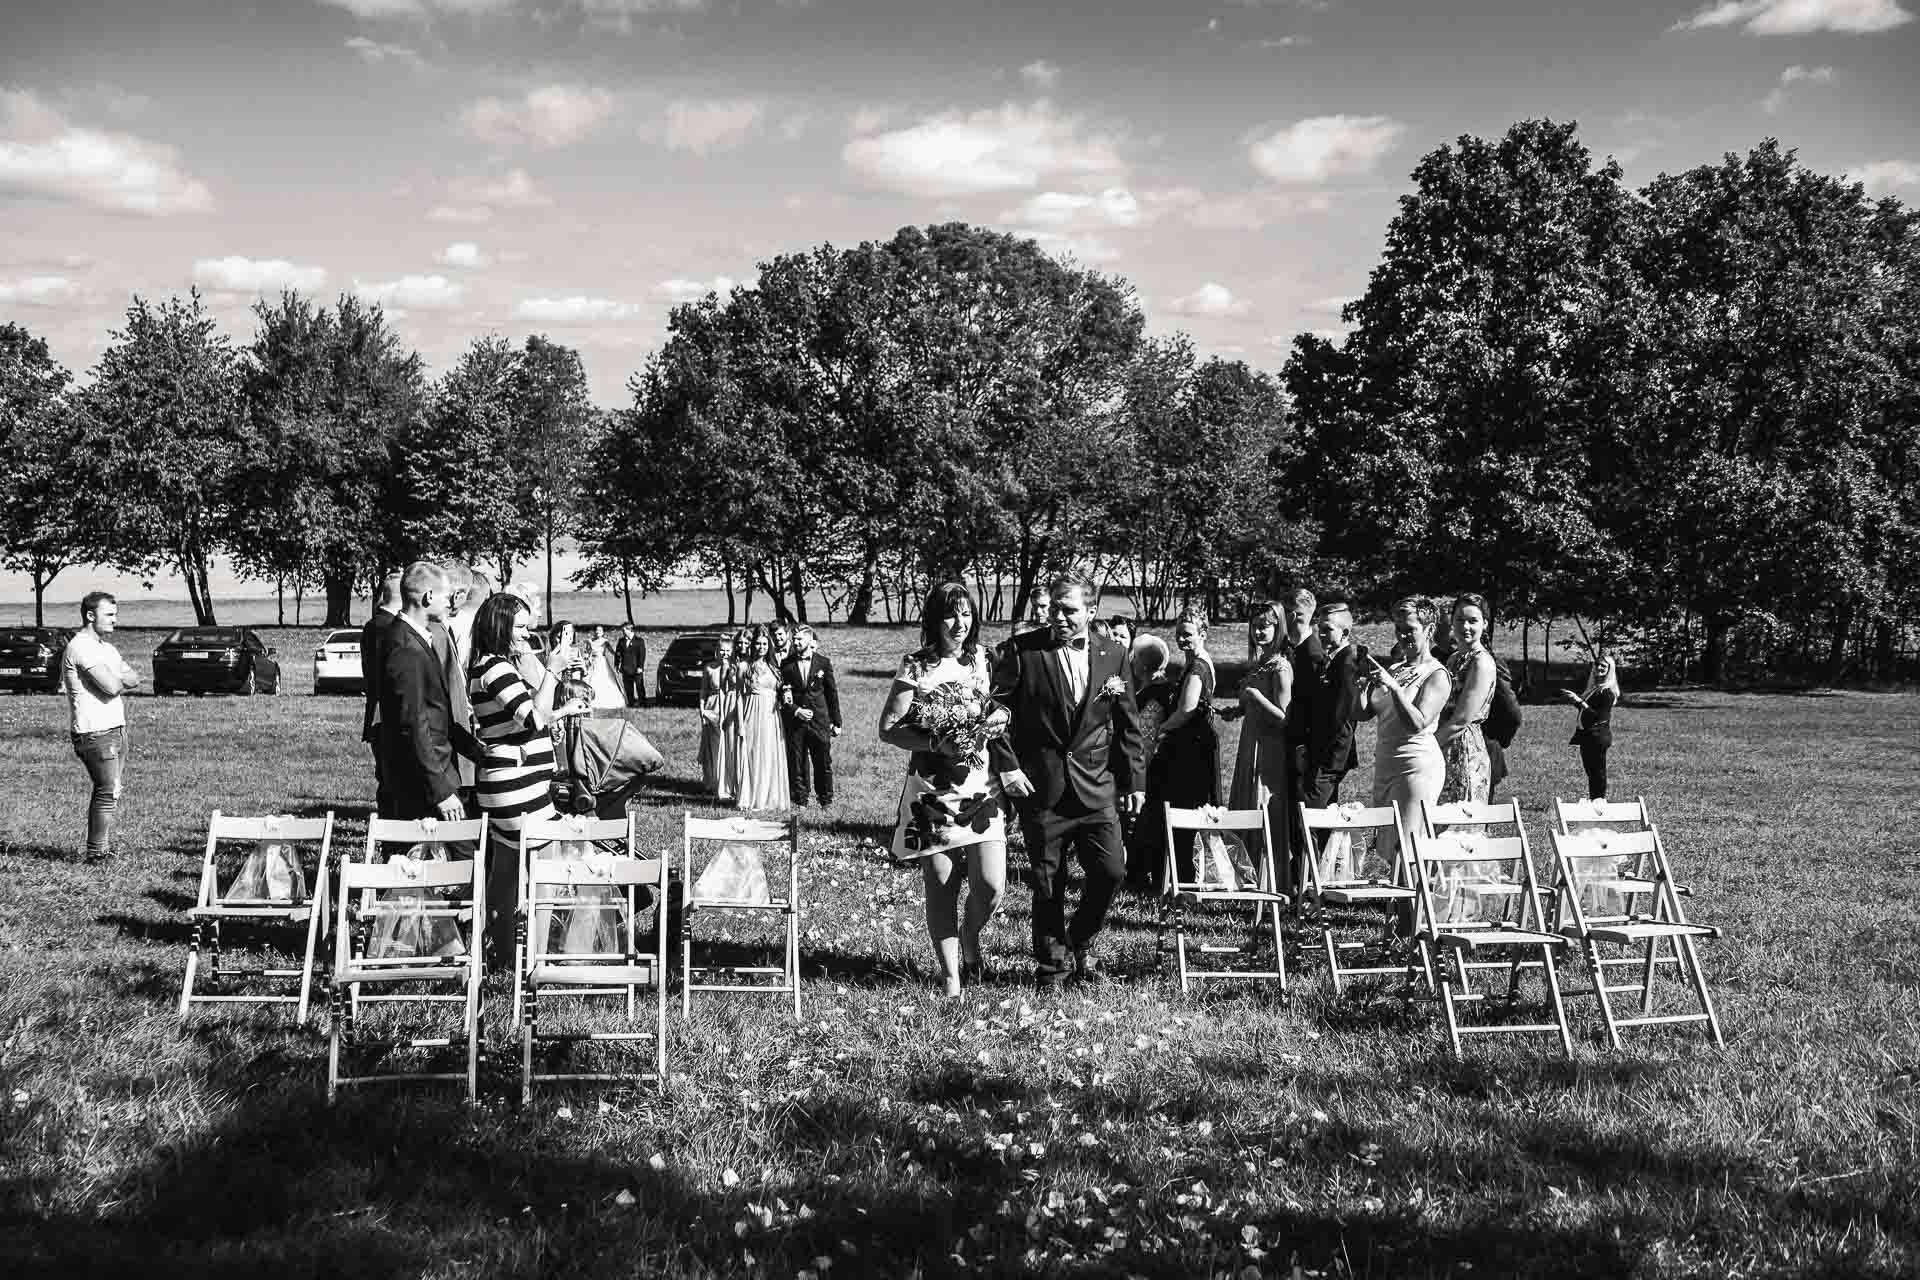 svatební-fotografie-Říp-svatební-video-ŘÍP-svatební-fotograf-ŘÍP-svatba-Mělník-svatba-Neratovice-fotograf-na-savtbu-kameraman-na-svatbu-77